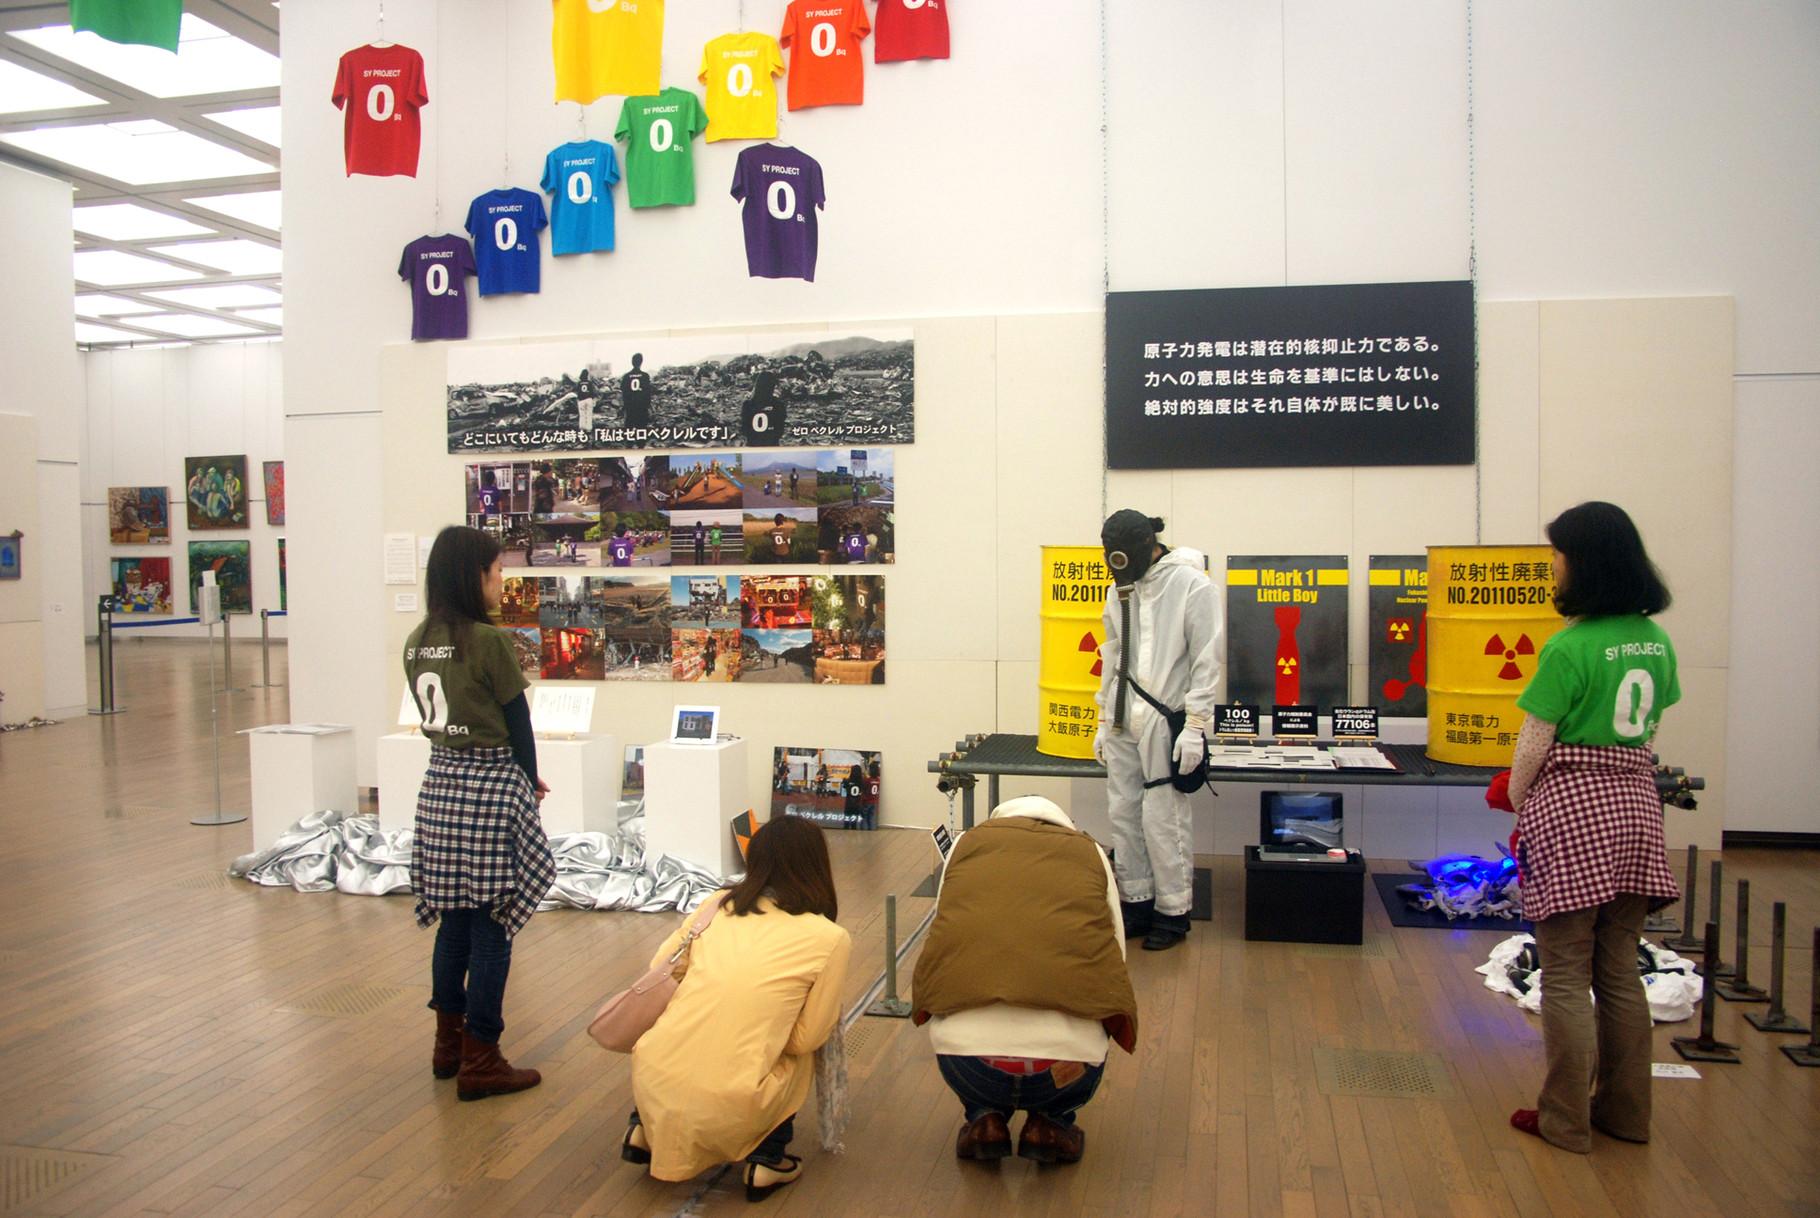 石川雷太によるパフォーマンスとゼロベクレルプロジェクトの展示 撮影:昼間光城